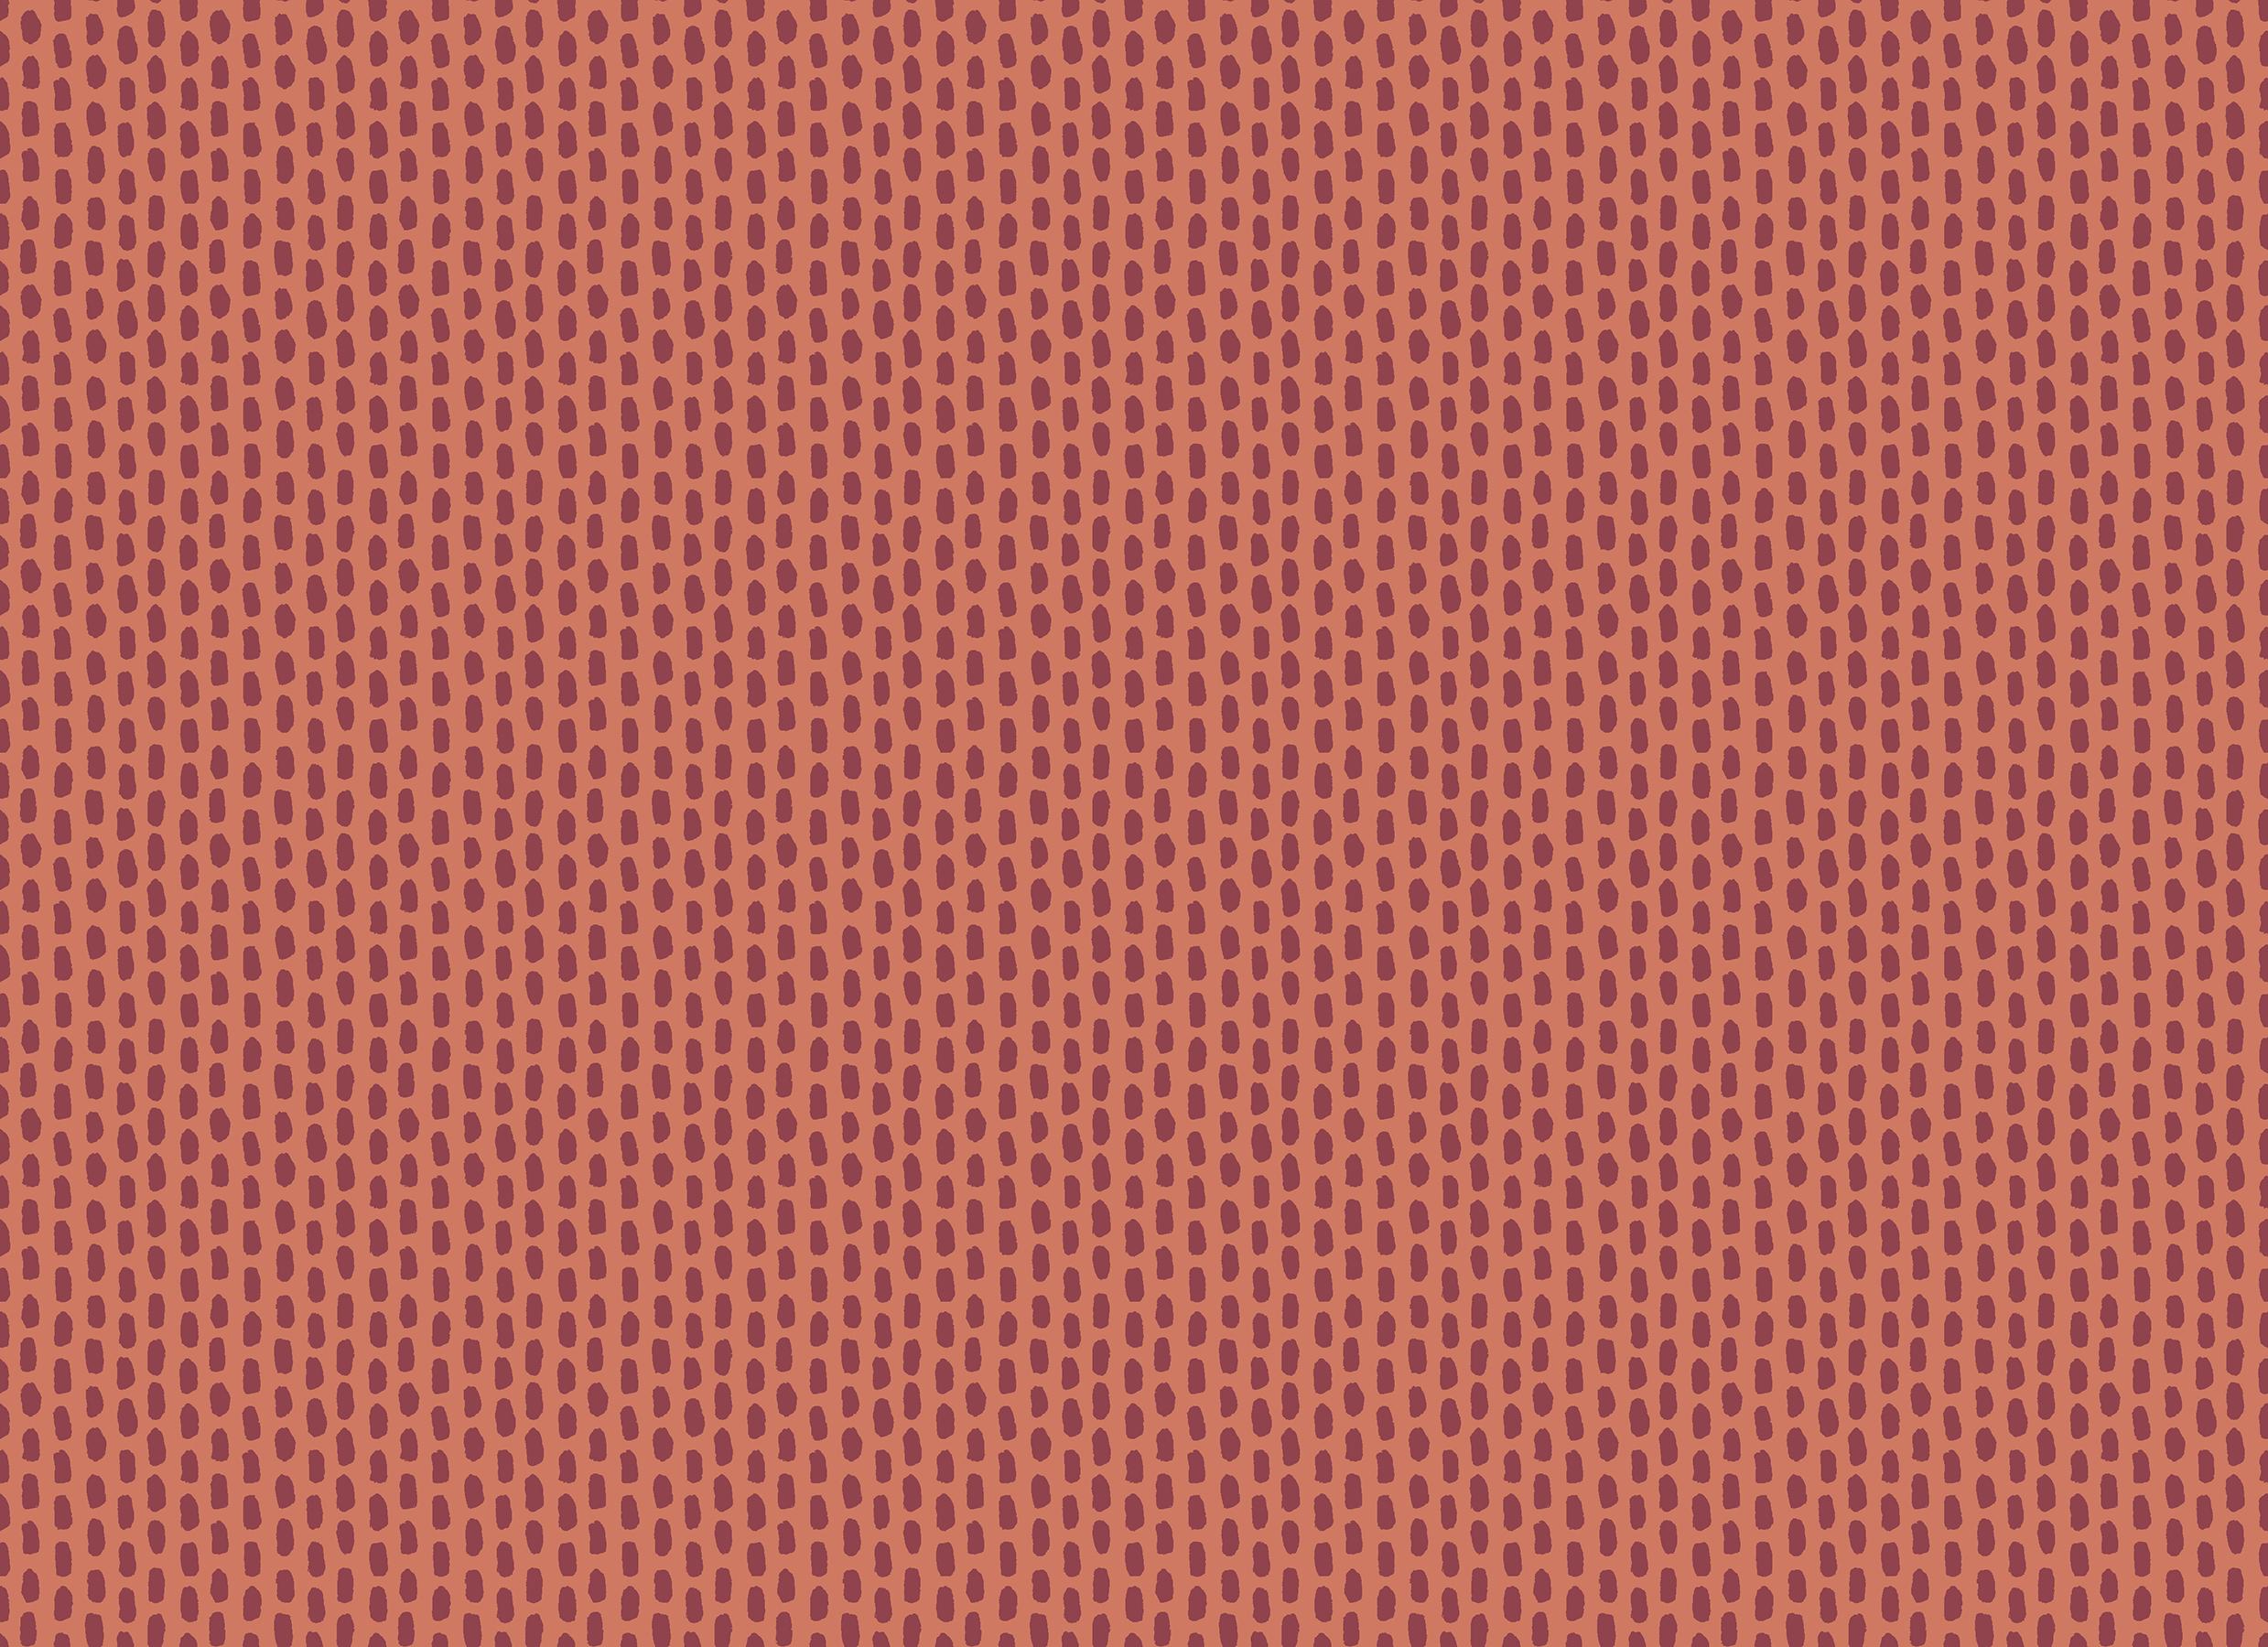 Cotton Poplin- Dear Isla- Morning Dew- Rosy Peach STH#11229584